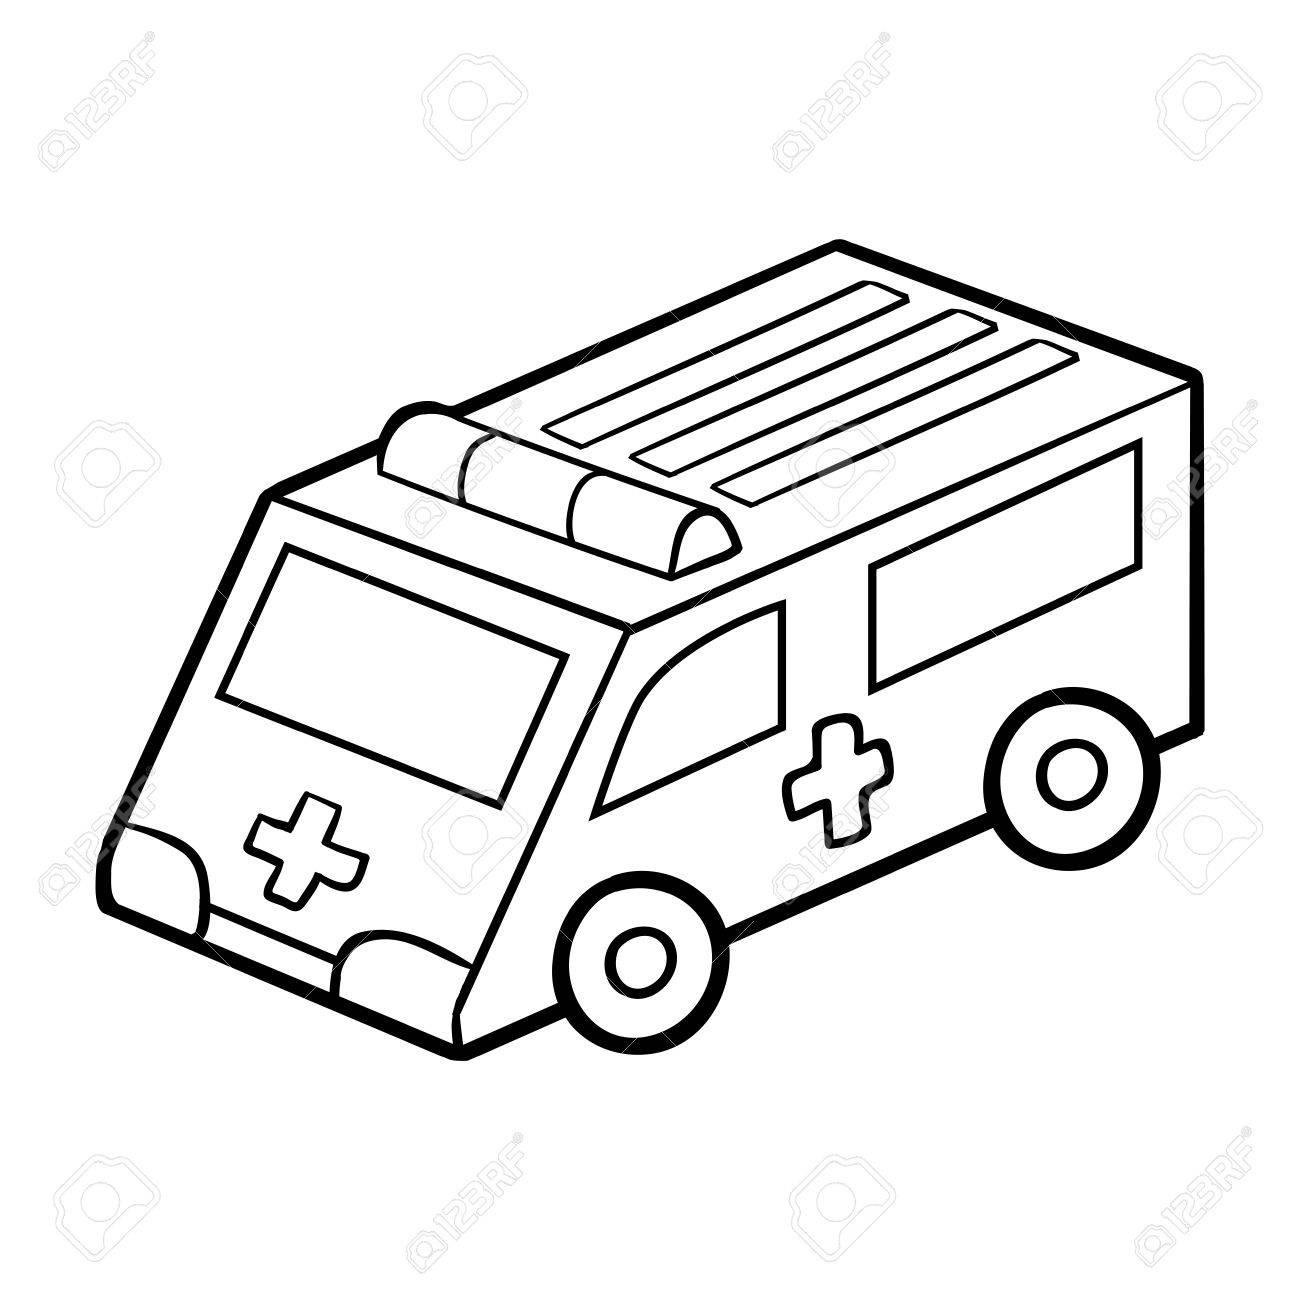 Malbuch Für Kinder, Malvorlagen. Krankenwagen Lizenzfrei Nutzbare ...